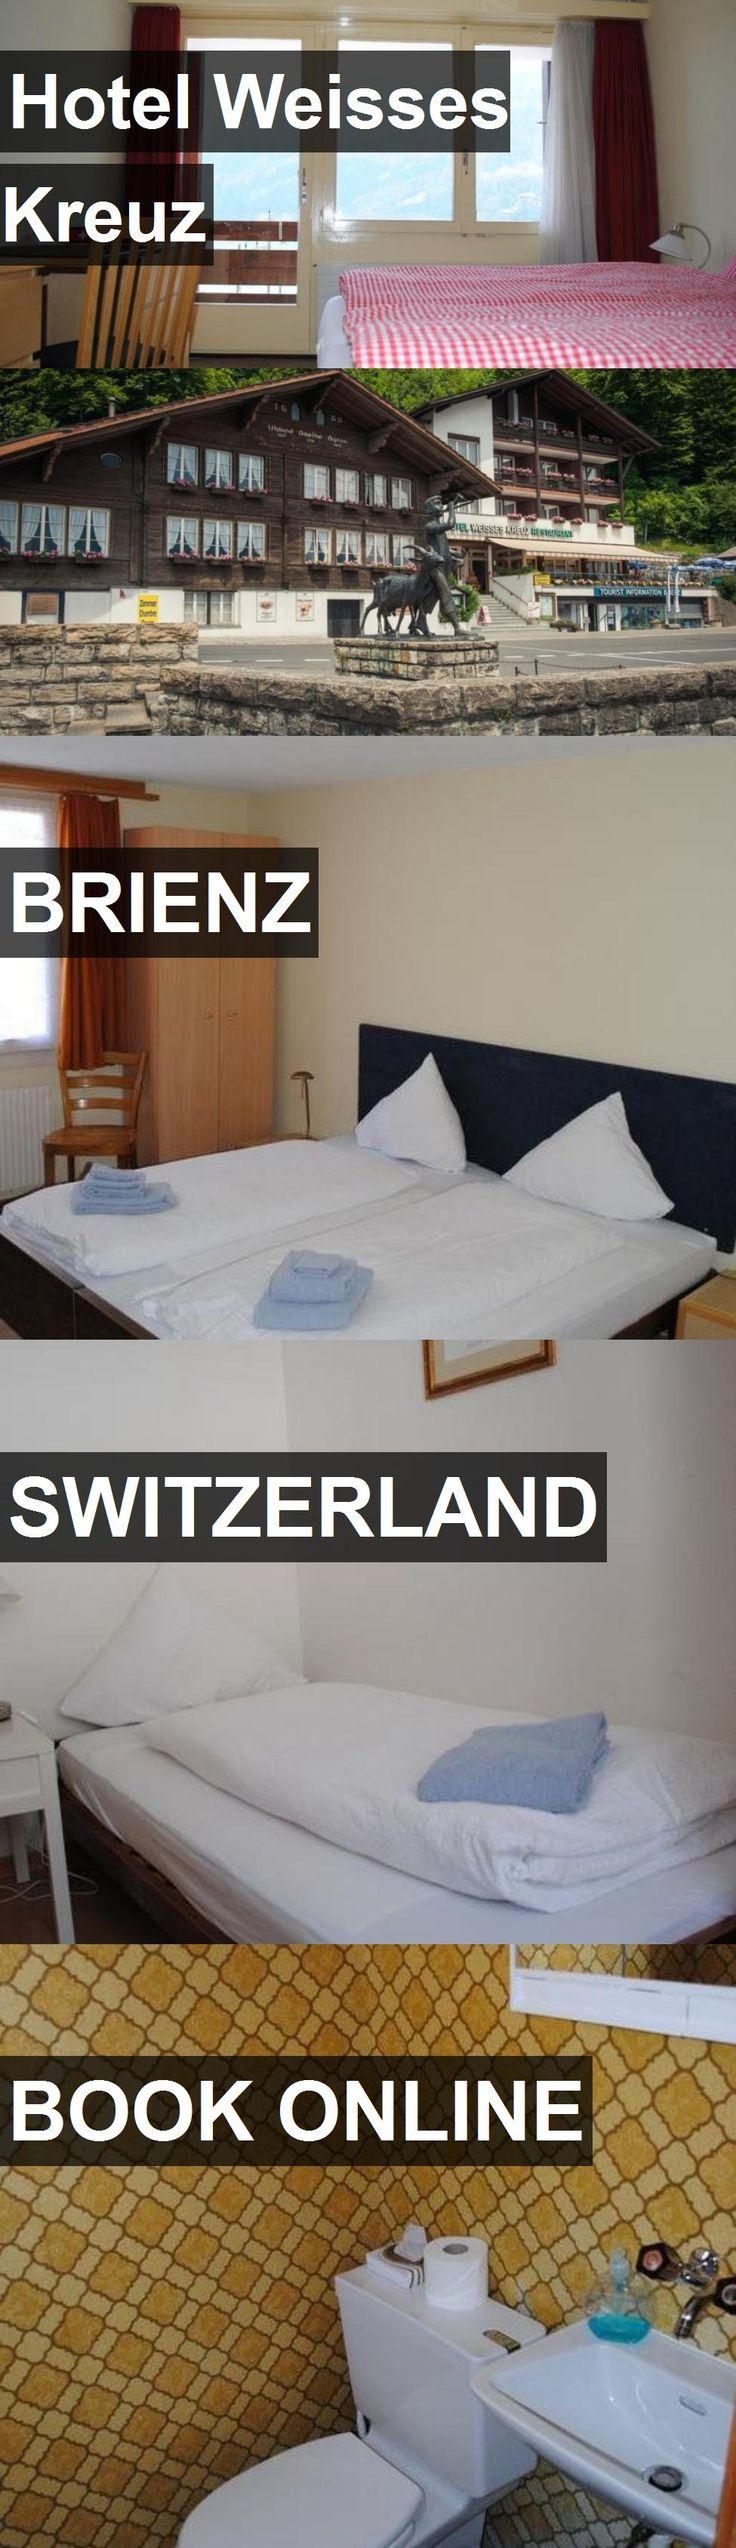 Hotel Hotel Weisses Kreuz in Brienz, Switzerland. For more information, photos, reviews and best prices please follow the link. #Switzerland #Brienz #HotelWeissesKreuz #hotel #travel #vacation